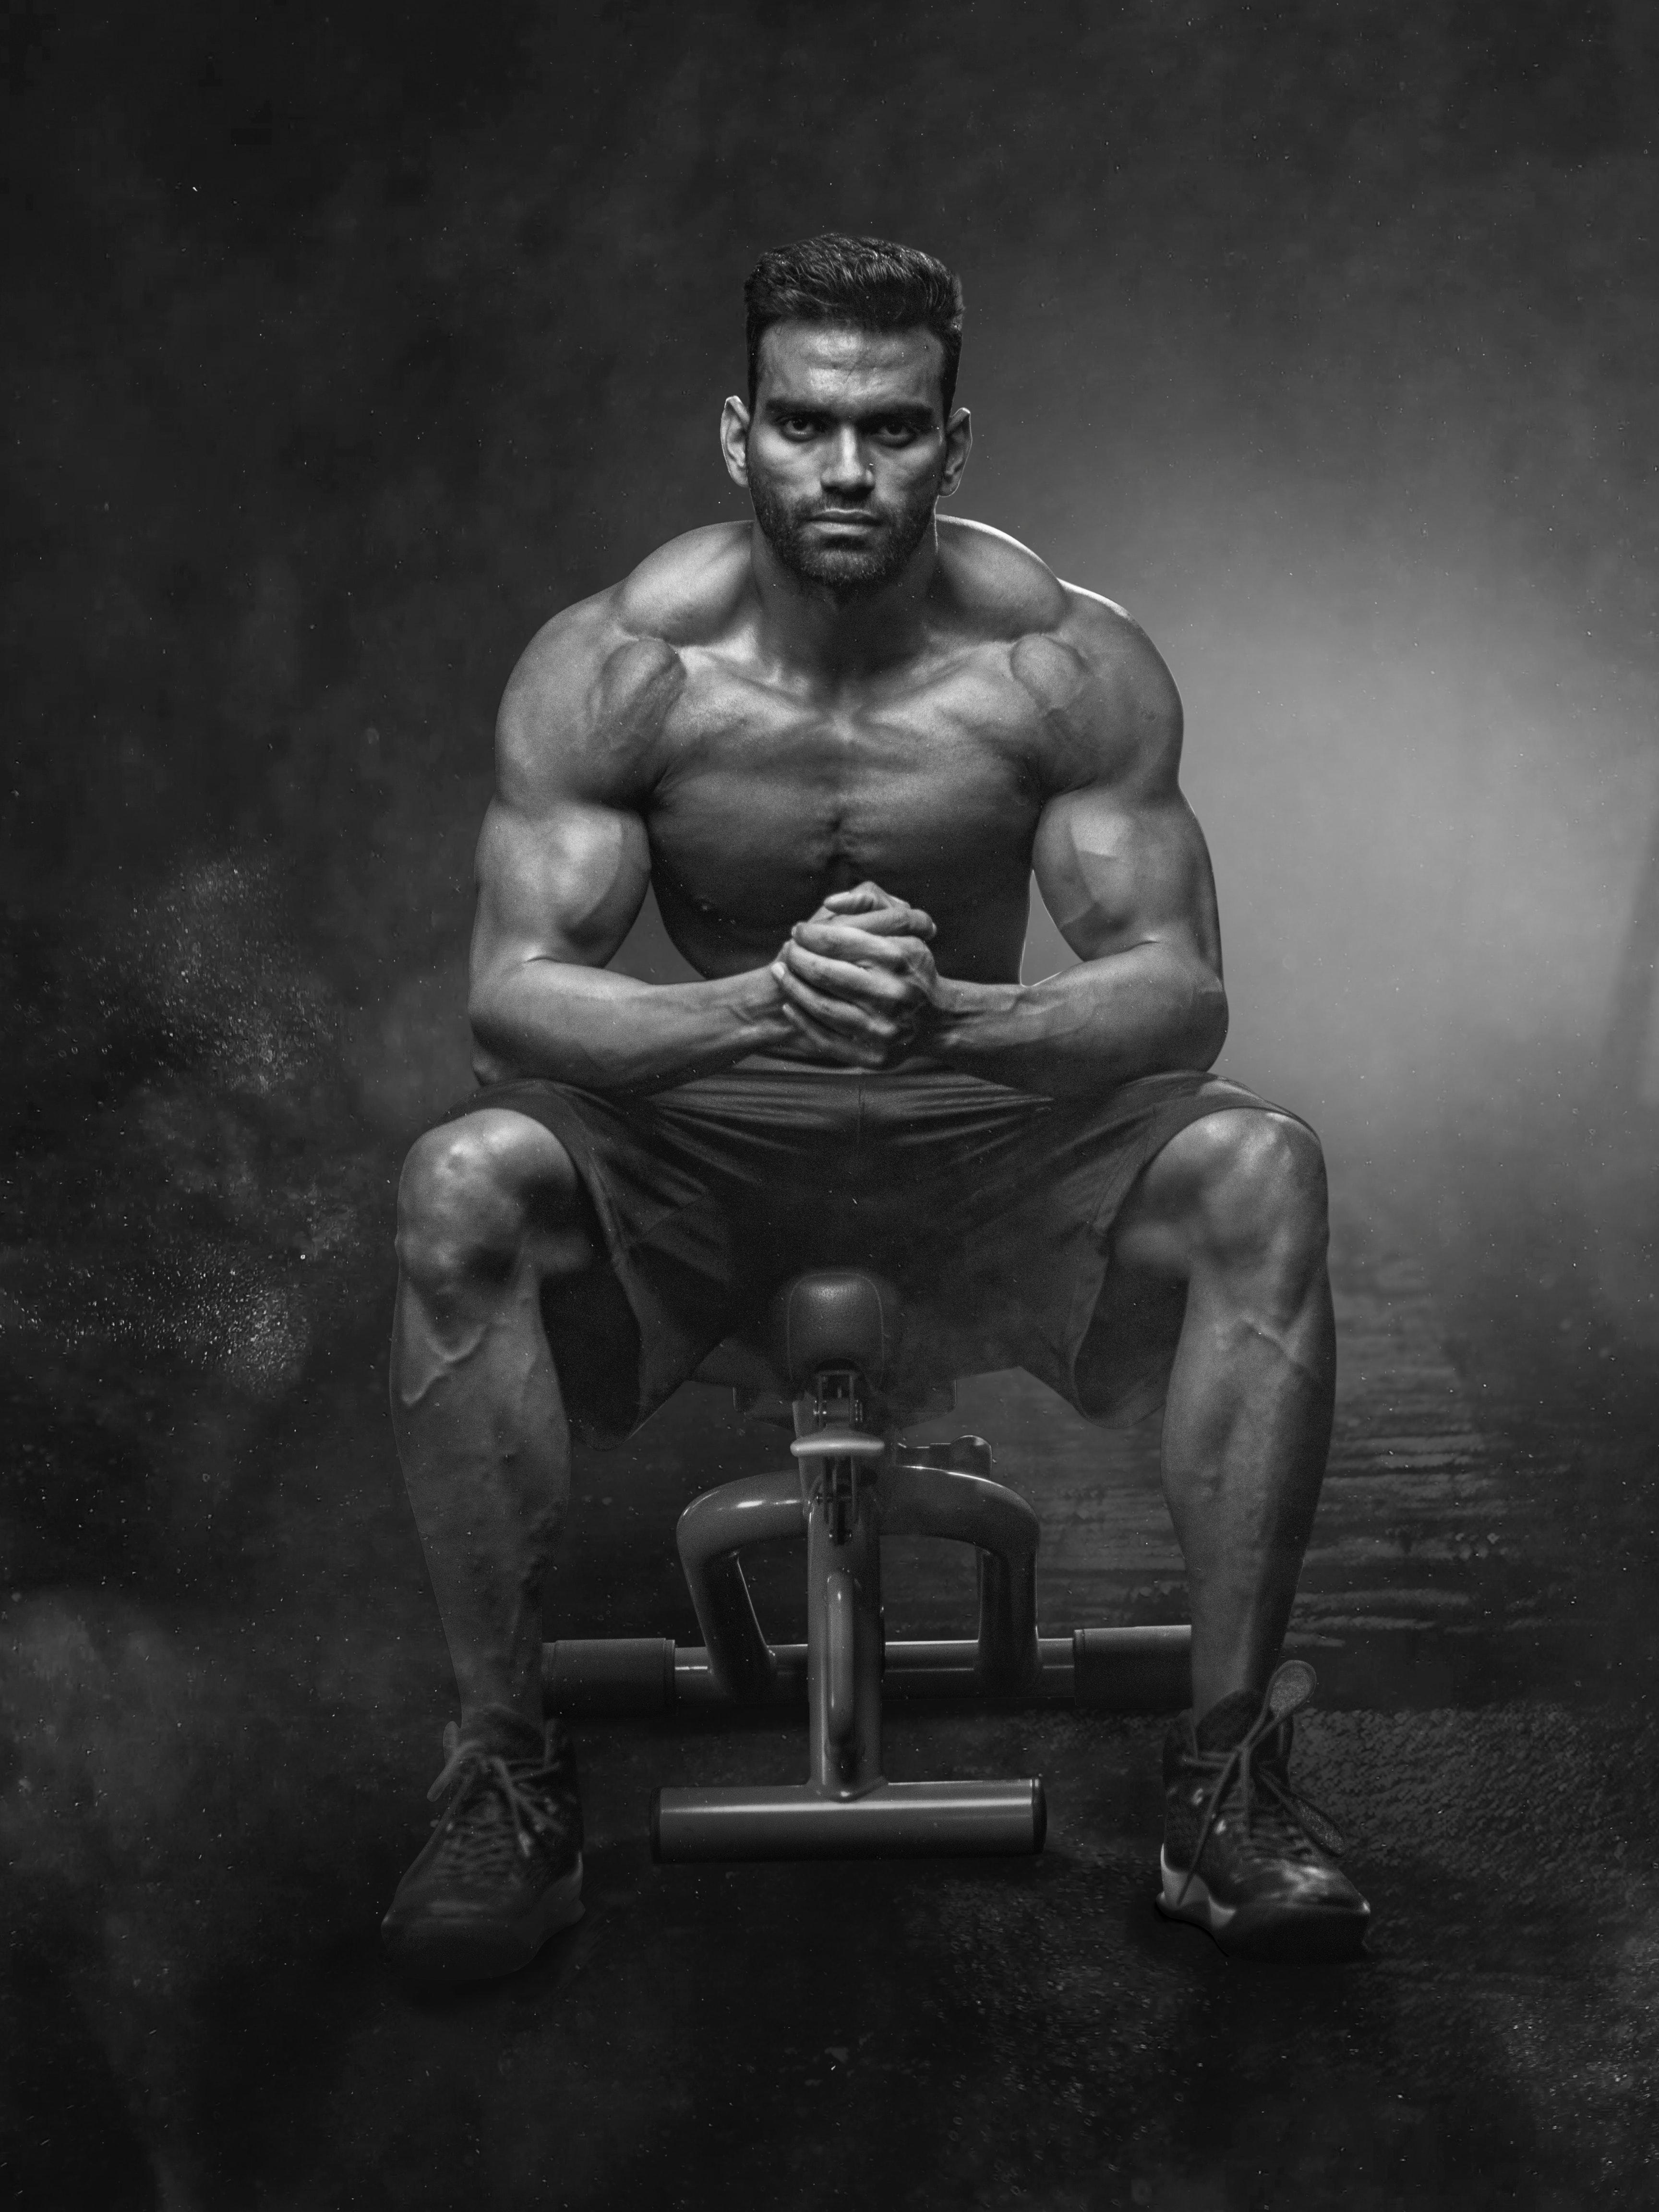 Gambar atlet hitam dan putih tubuh body building binaragawan